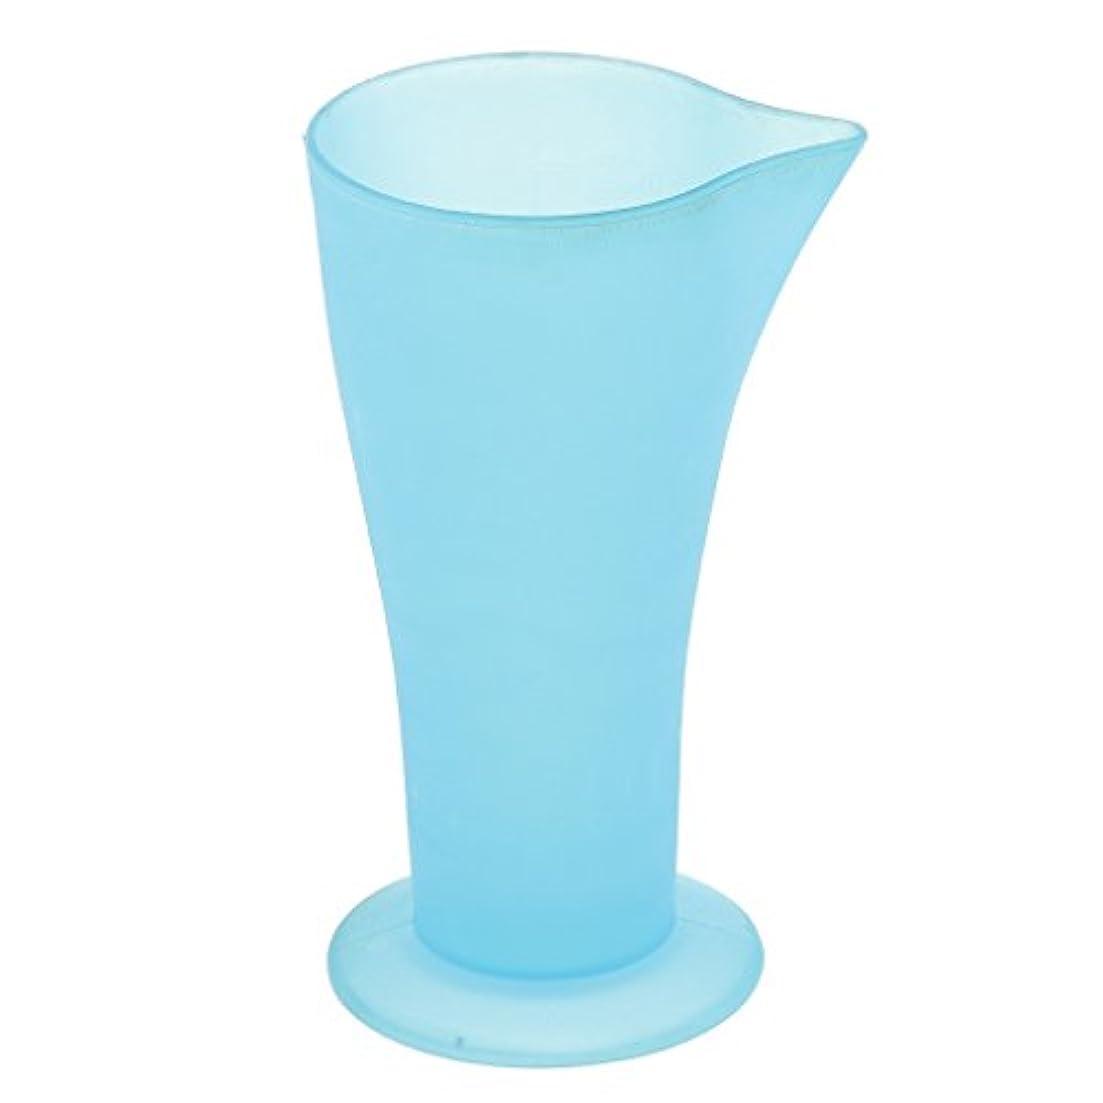 繁殖グリット電話に出るKesoto 計量カップ ヘアダイカップ ヘアカラーカップ ヘアダイ容器 ブルー プラスチック 再使用可能 髪型 サロン 髪の色合い 色測定カップ